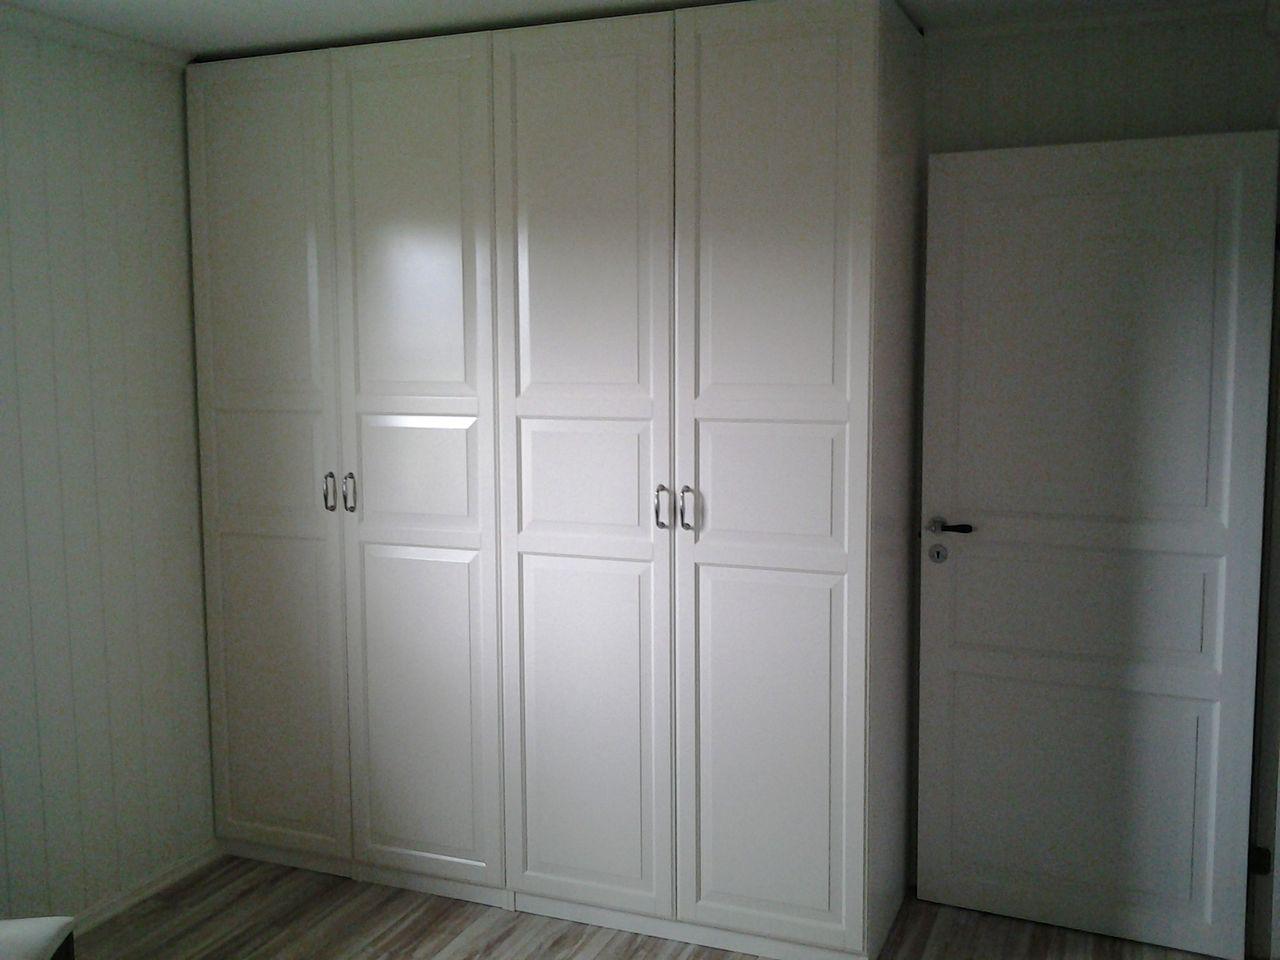 Ikea pax dører